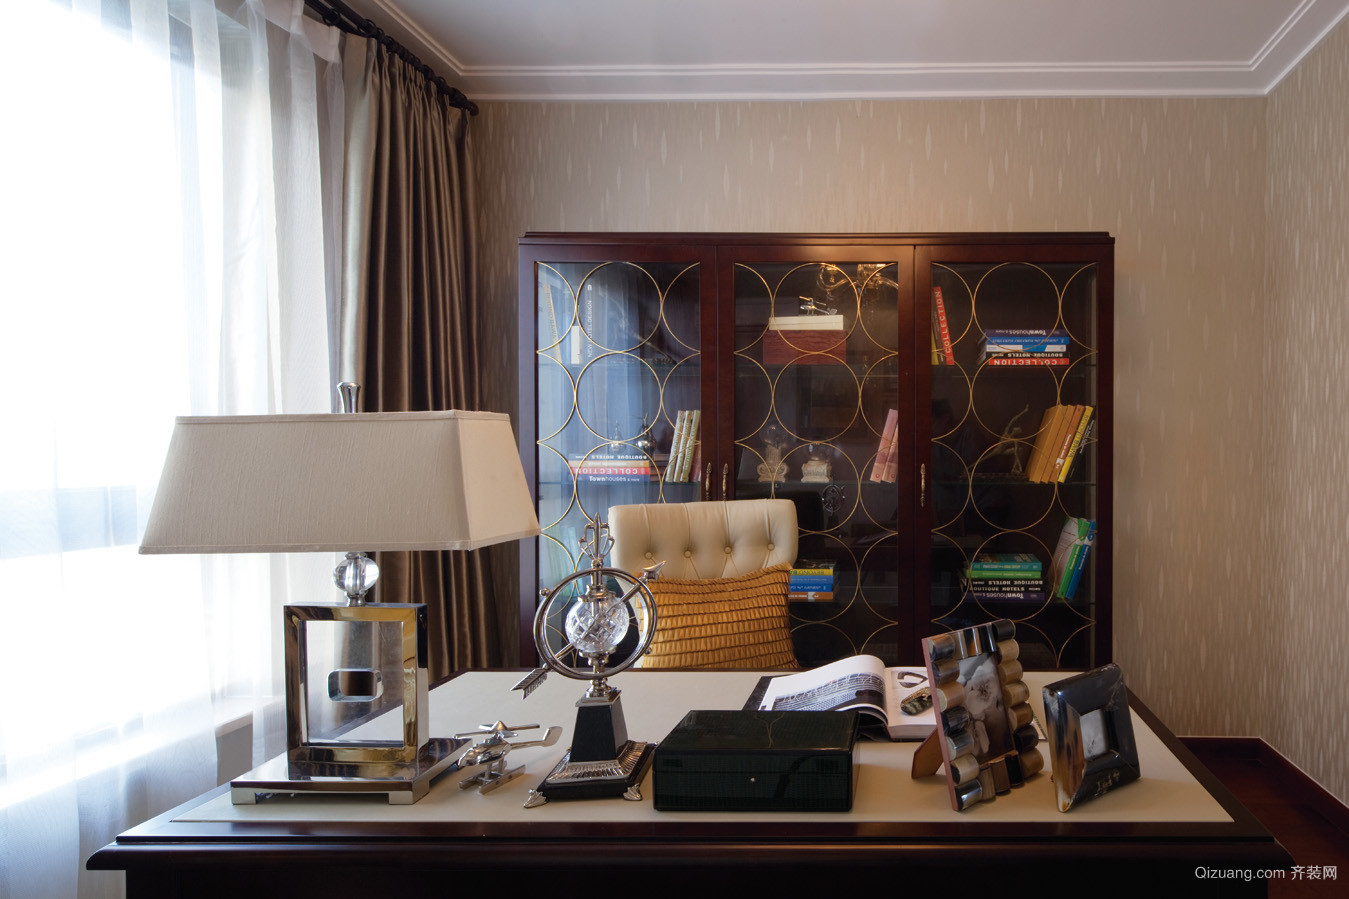 高尔夫庄园房间欧式风格装修效果图实景图